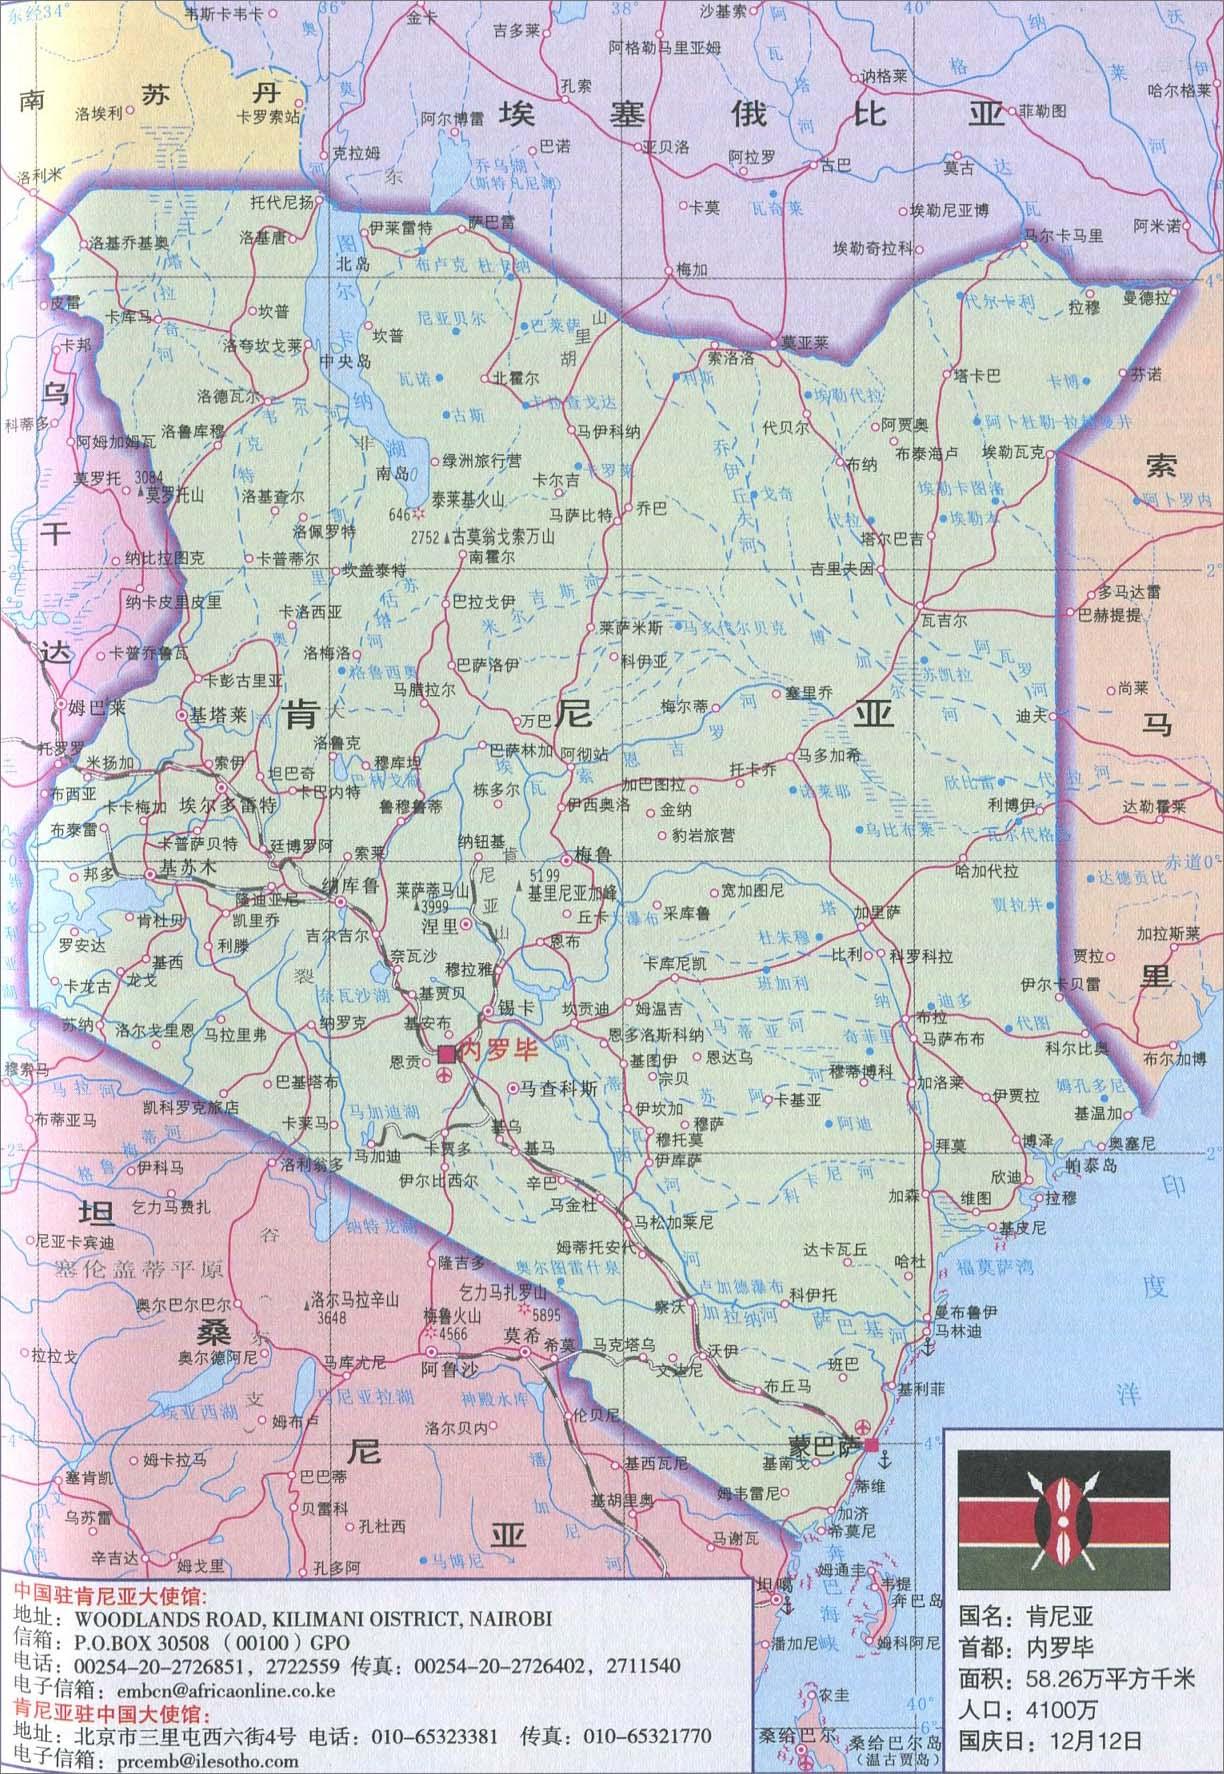 肯尼亚旅游地图_肯尼亚地图库